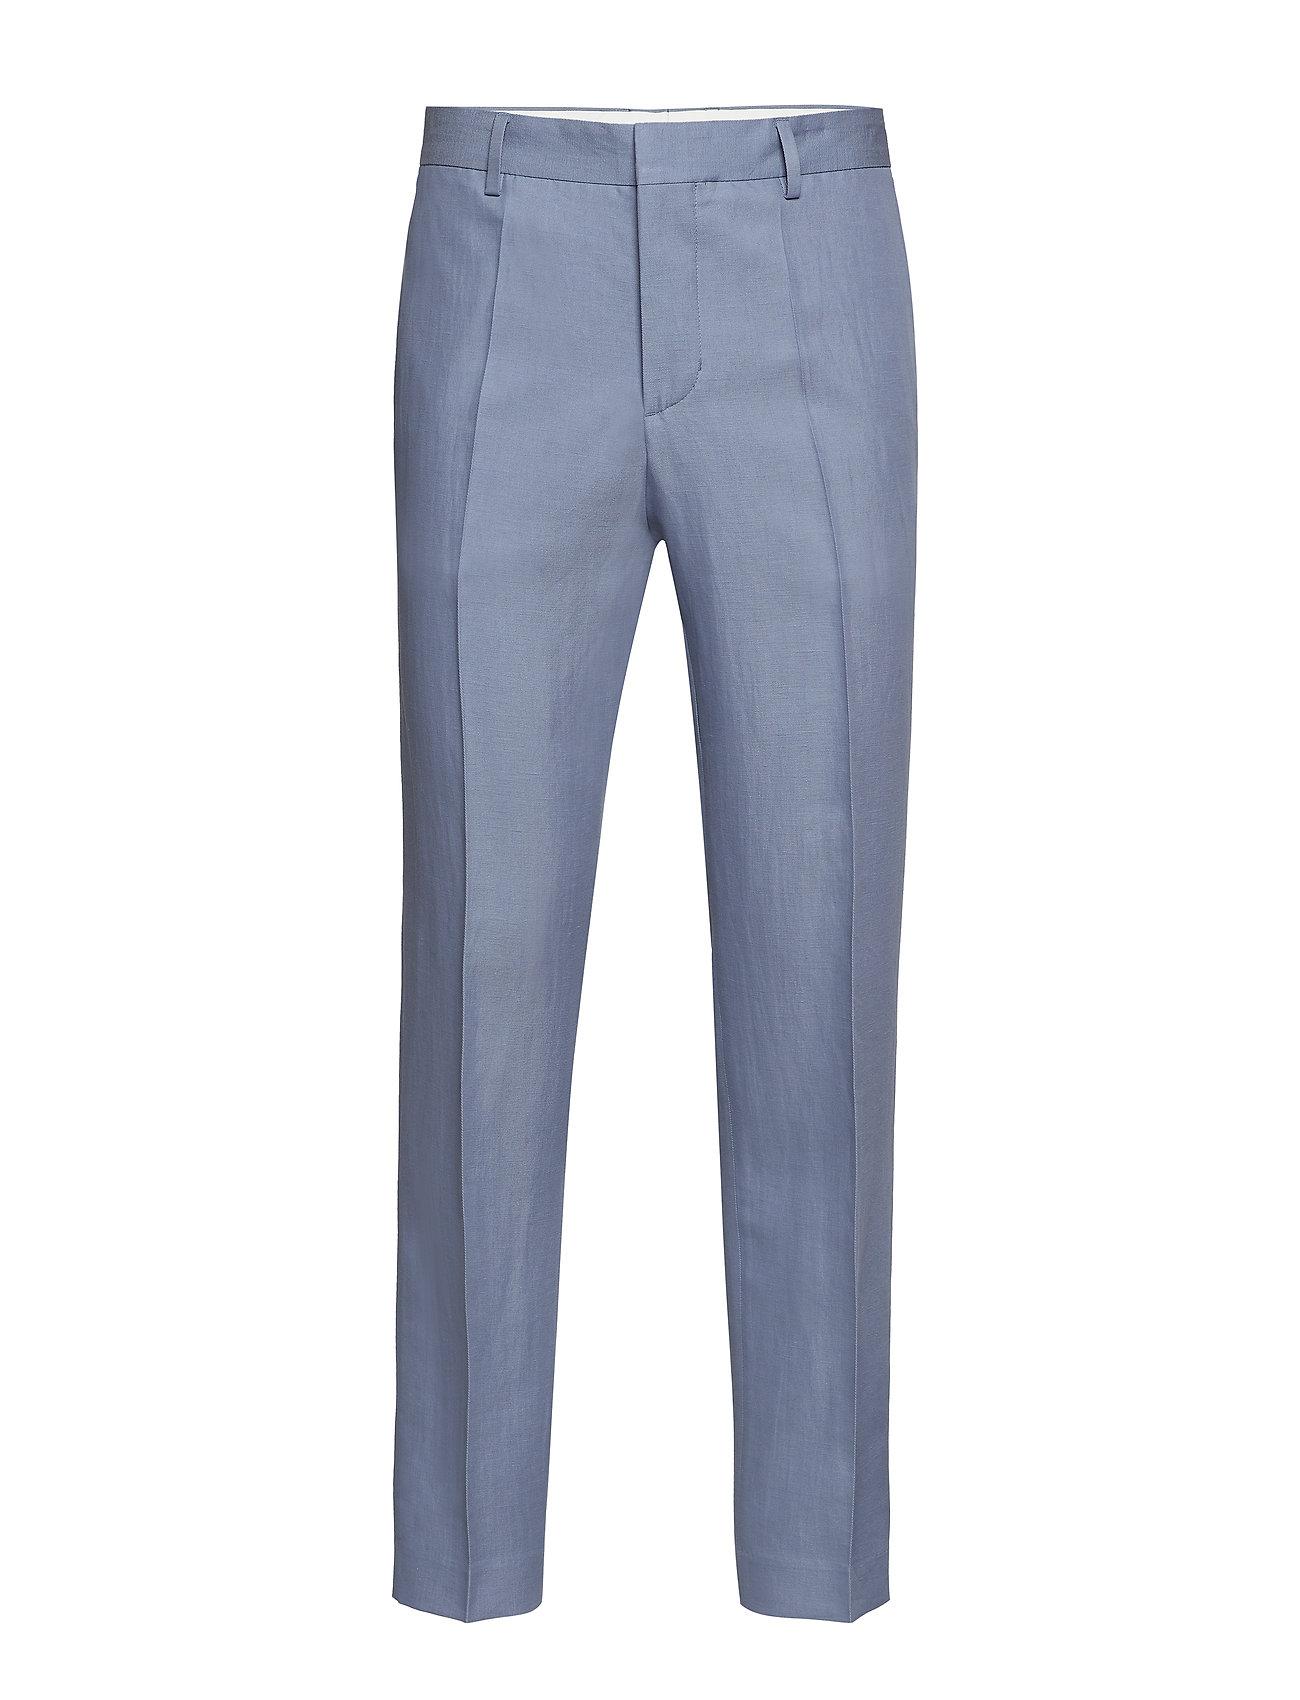 Image of M. Justin Drapey Linen Trouser Habitbukser Stylede Bukser Blå Filippa K (3191656111)